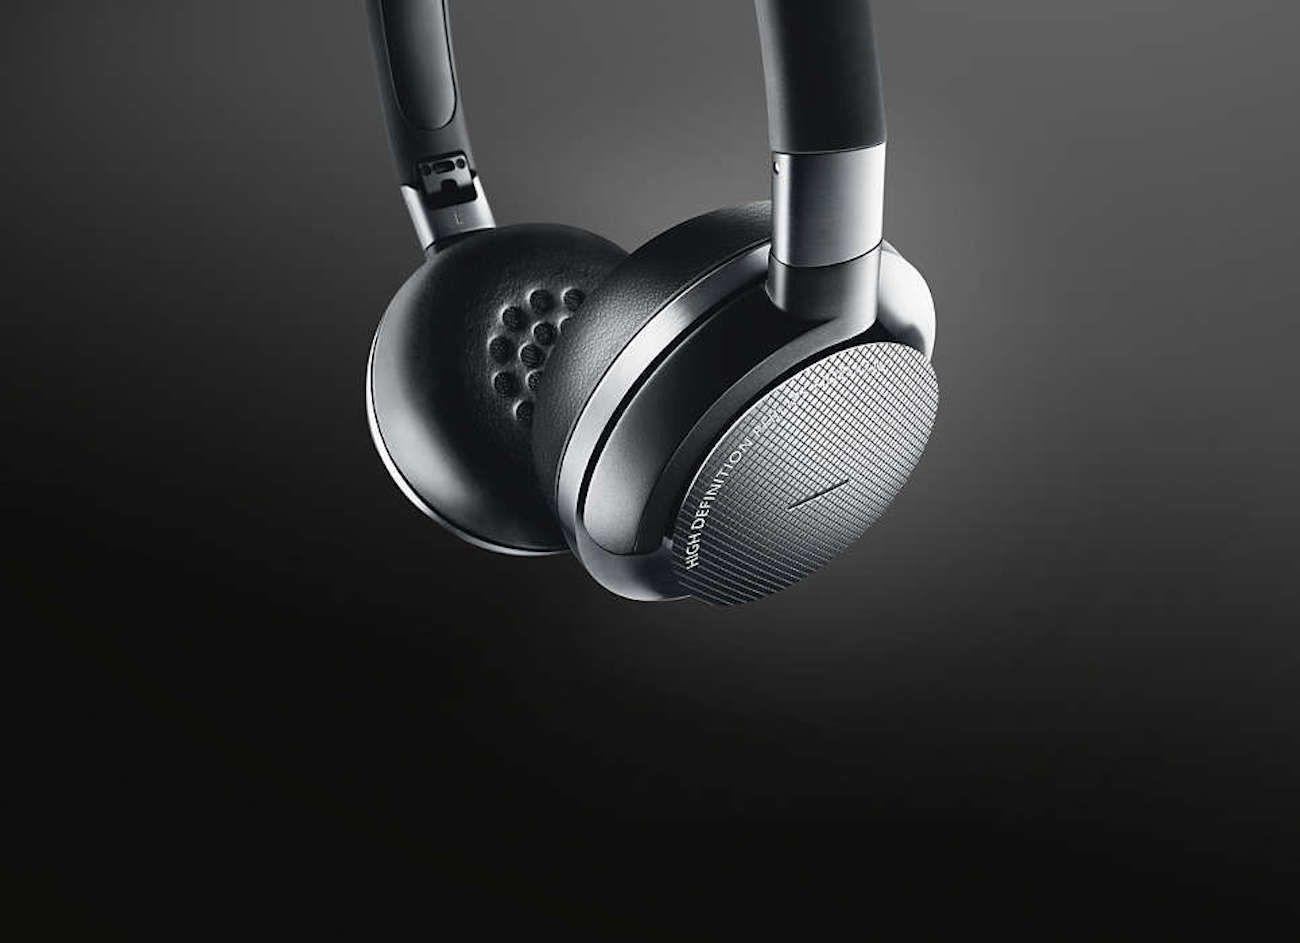 Philips Fidelio NC1/27 Noise Cancelling Headphones